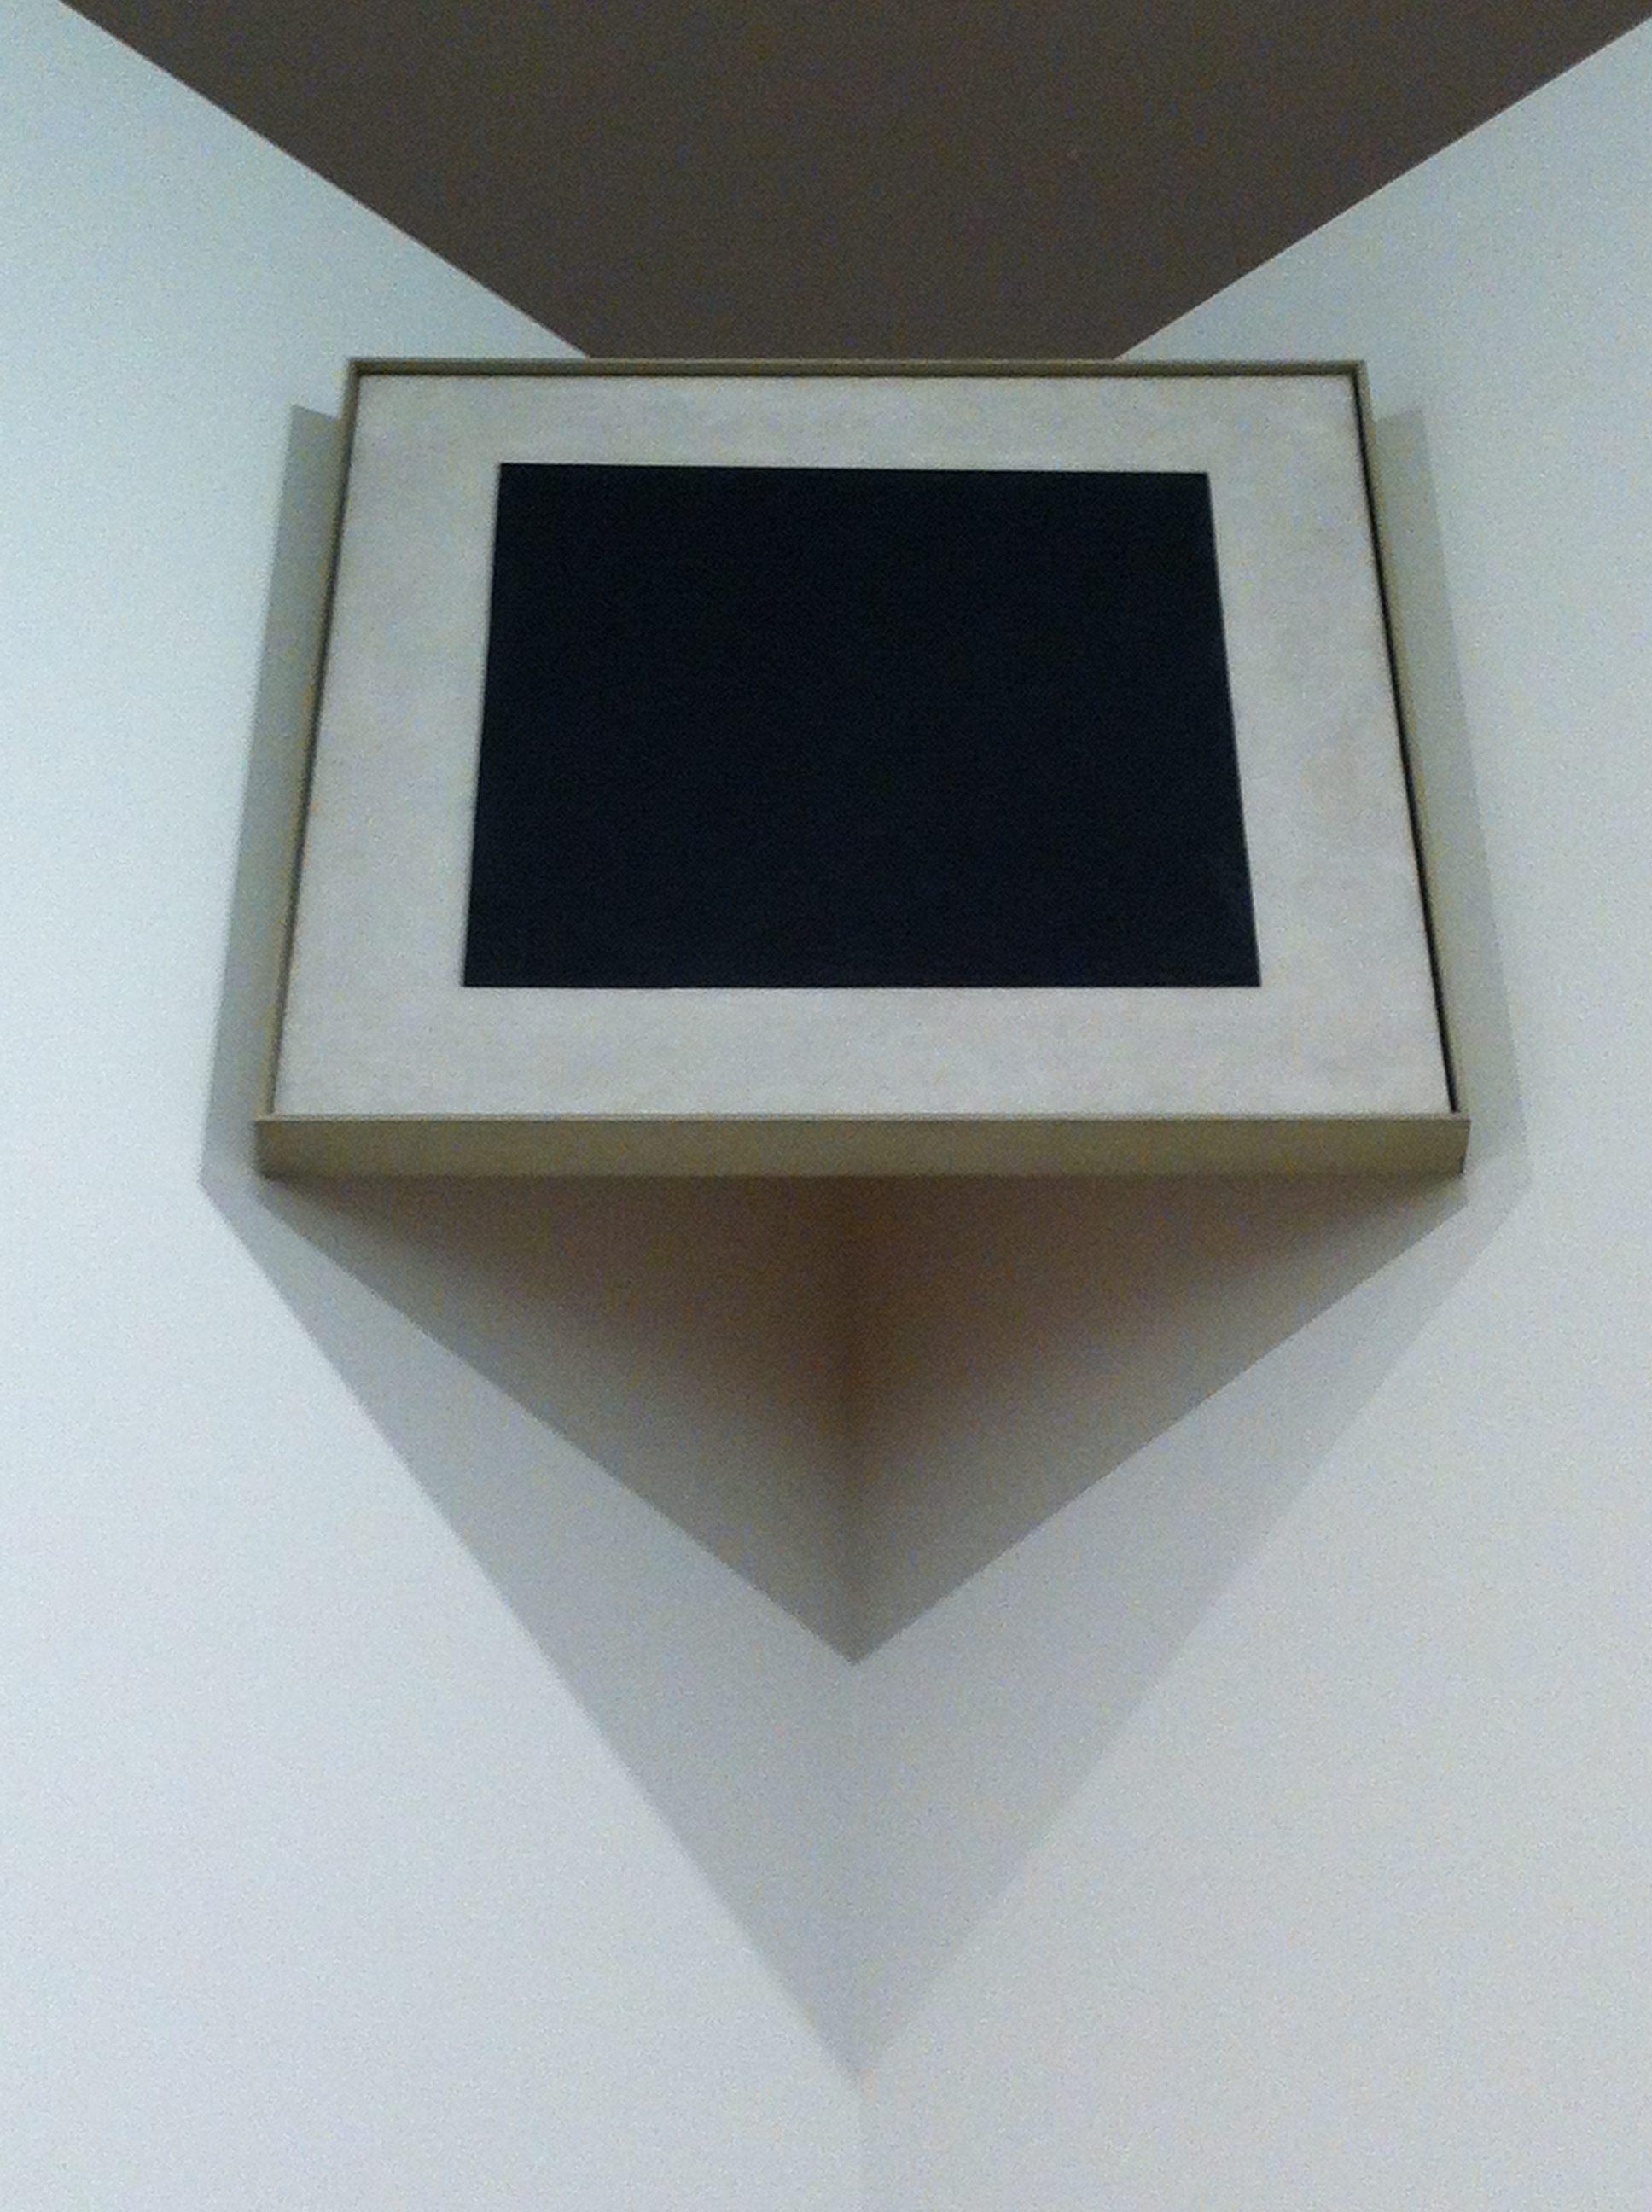 Quadrangle noir sur fond blanc